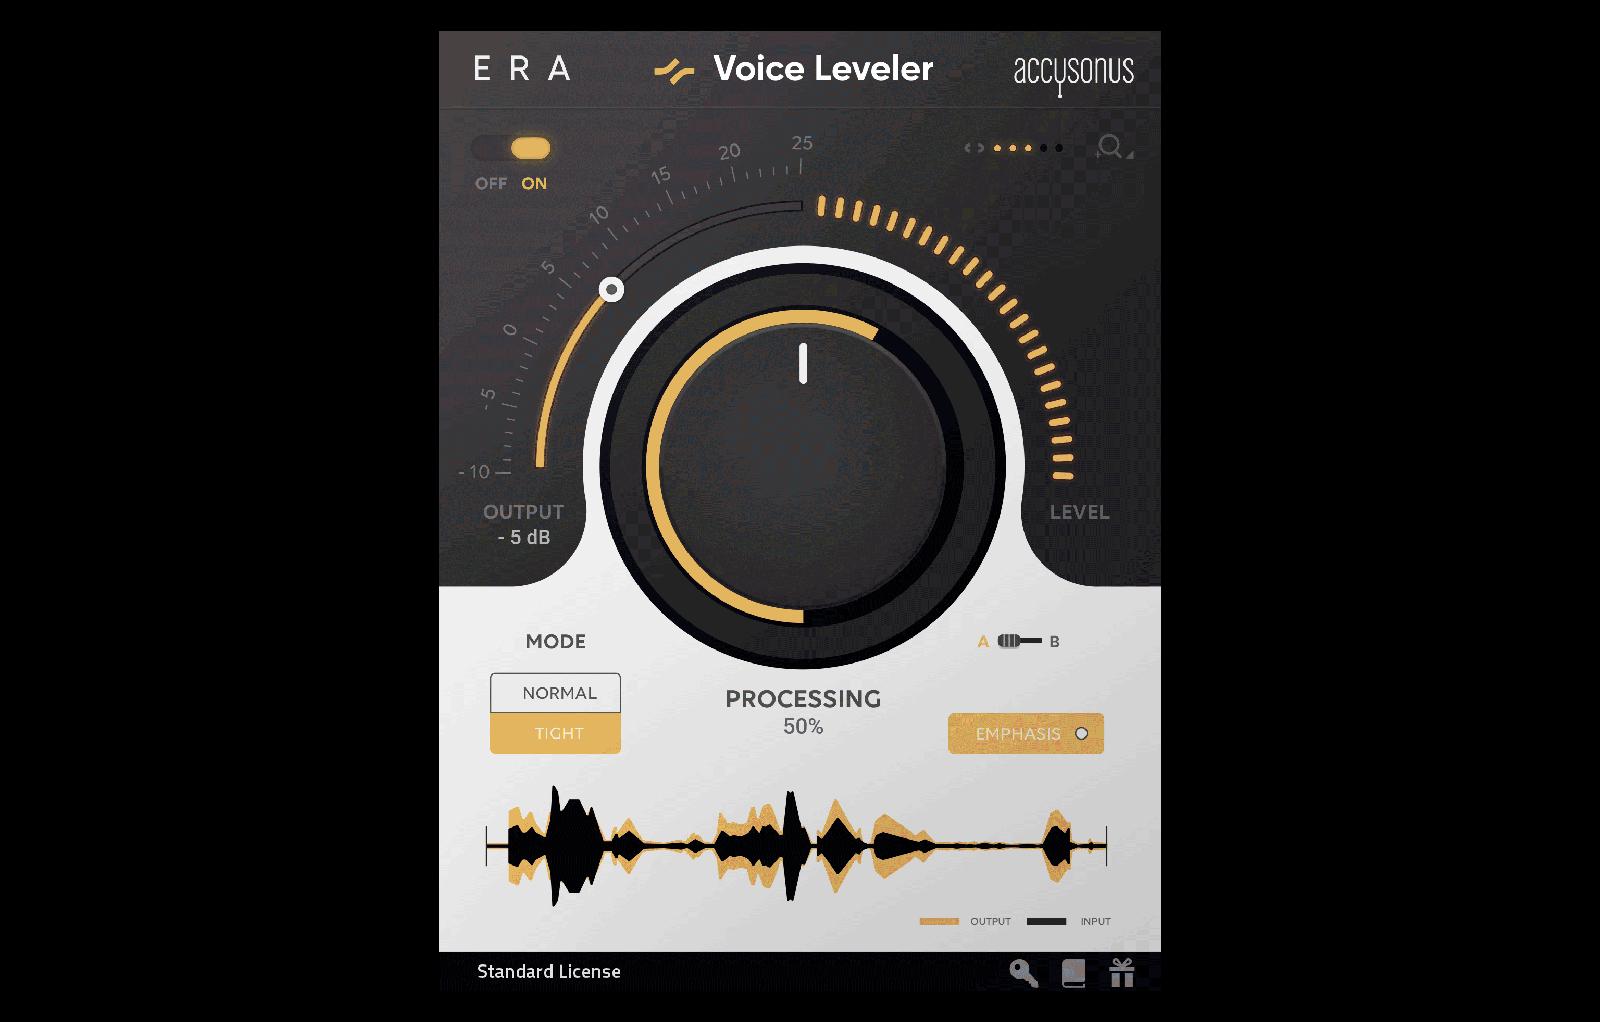 ERA Voice Leveler